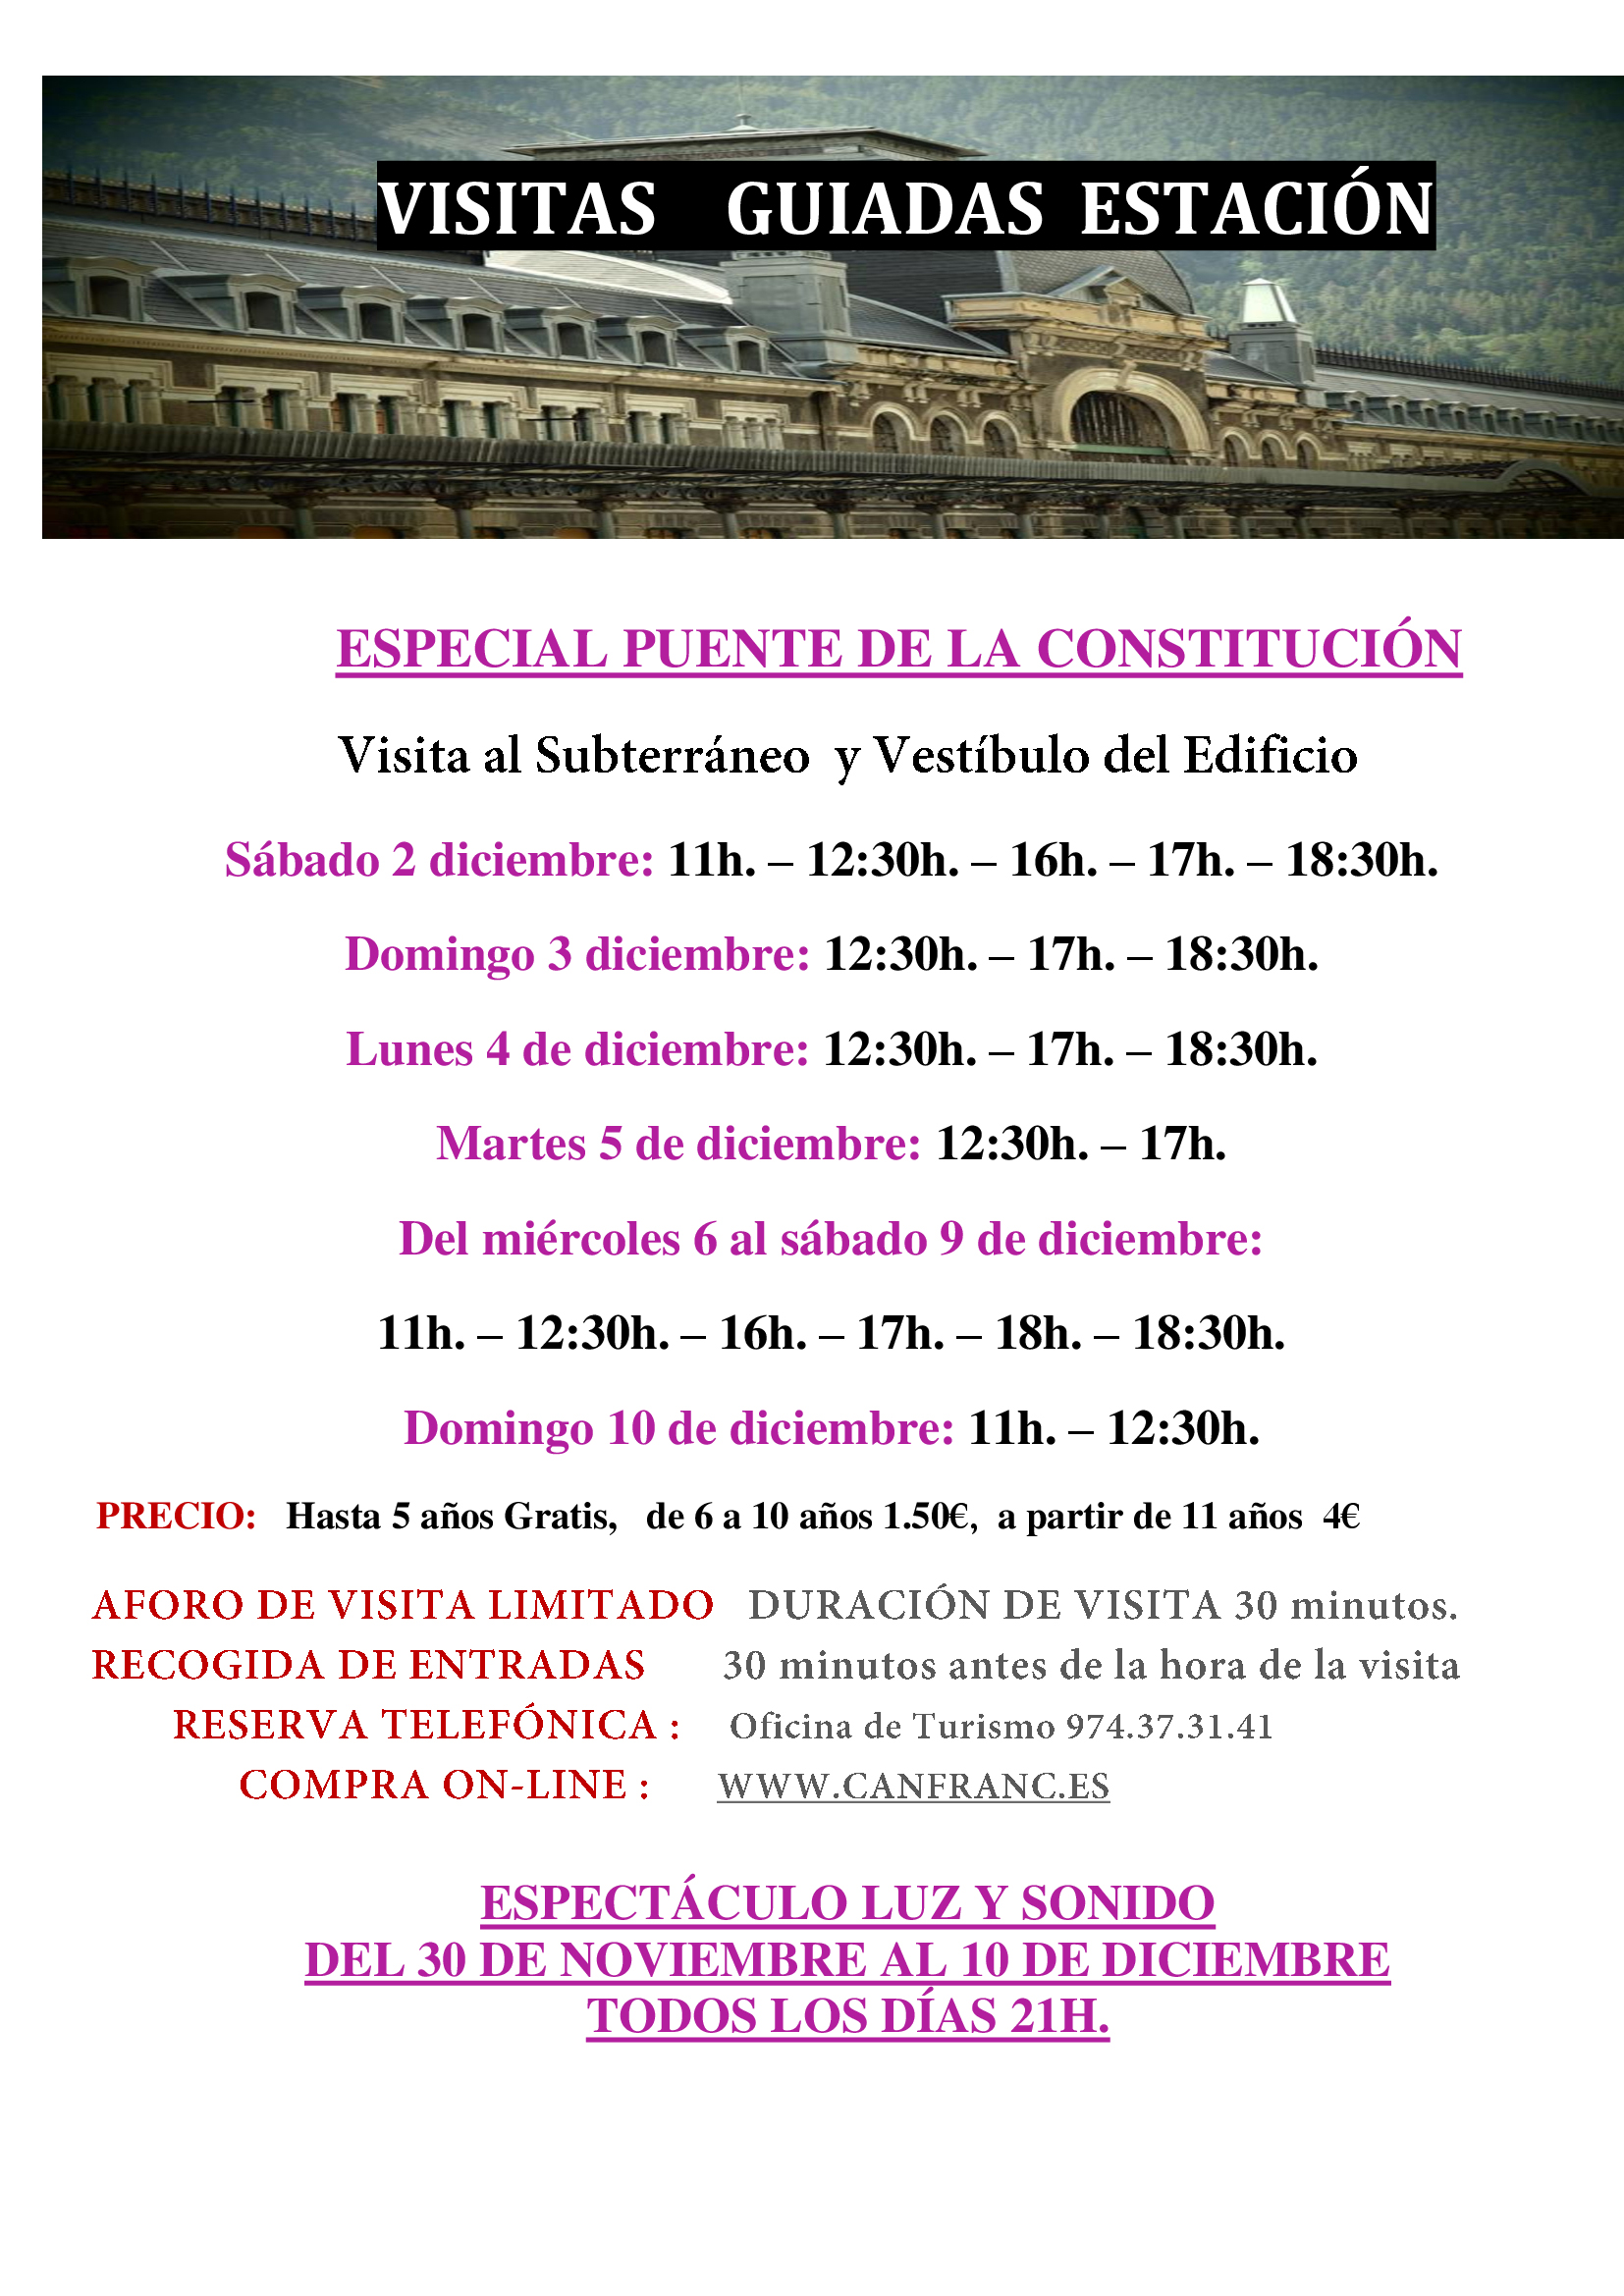 Horarios visitas a la Estación Internacional Canfranc Puente Constitución 2017